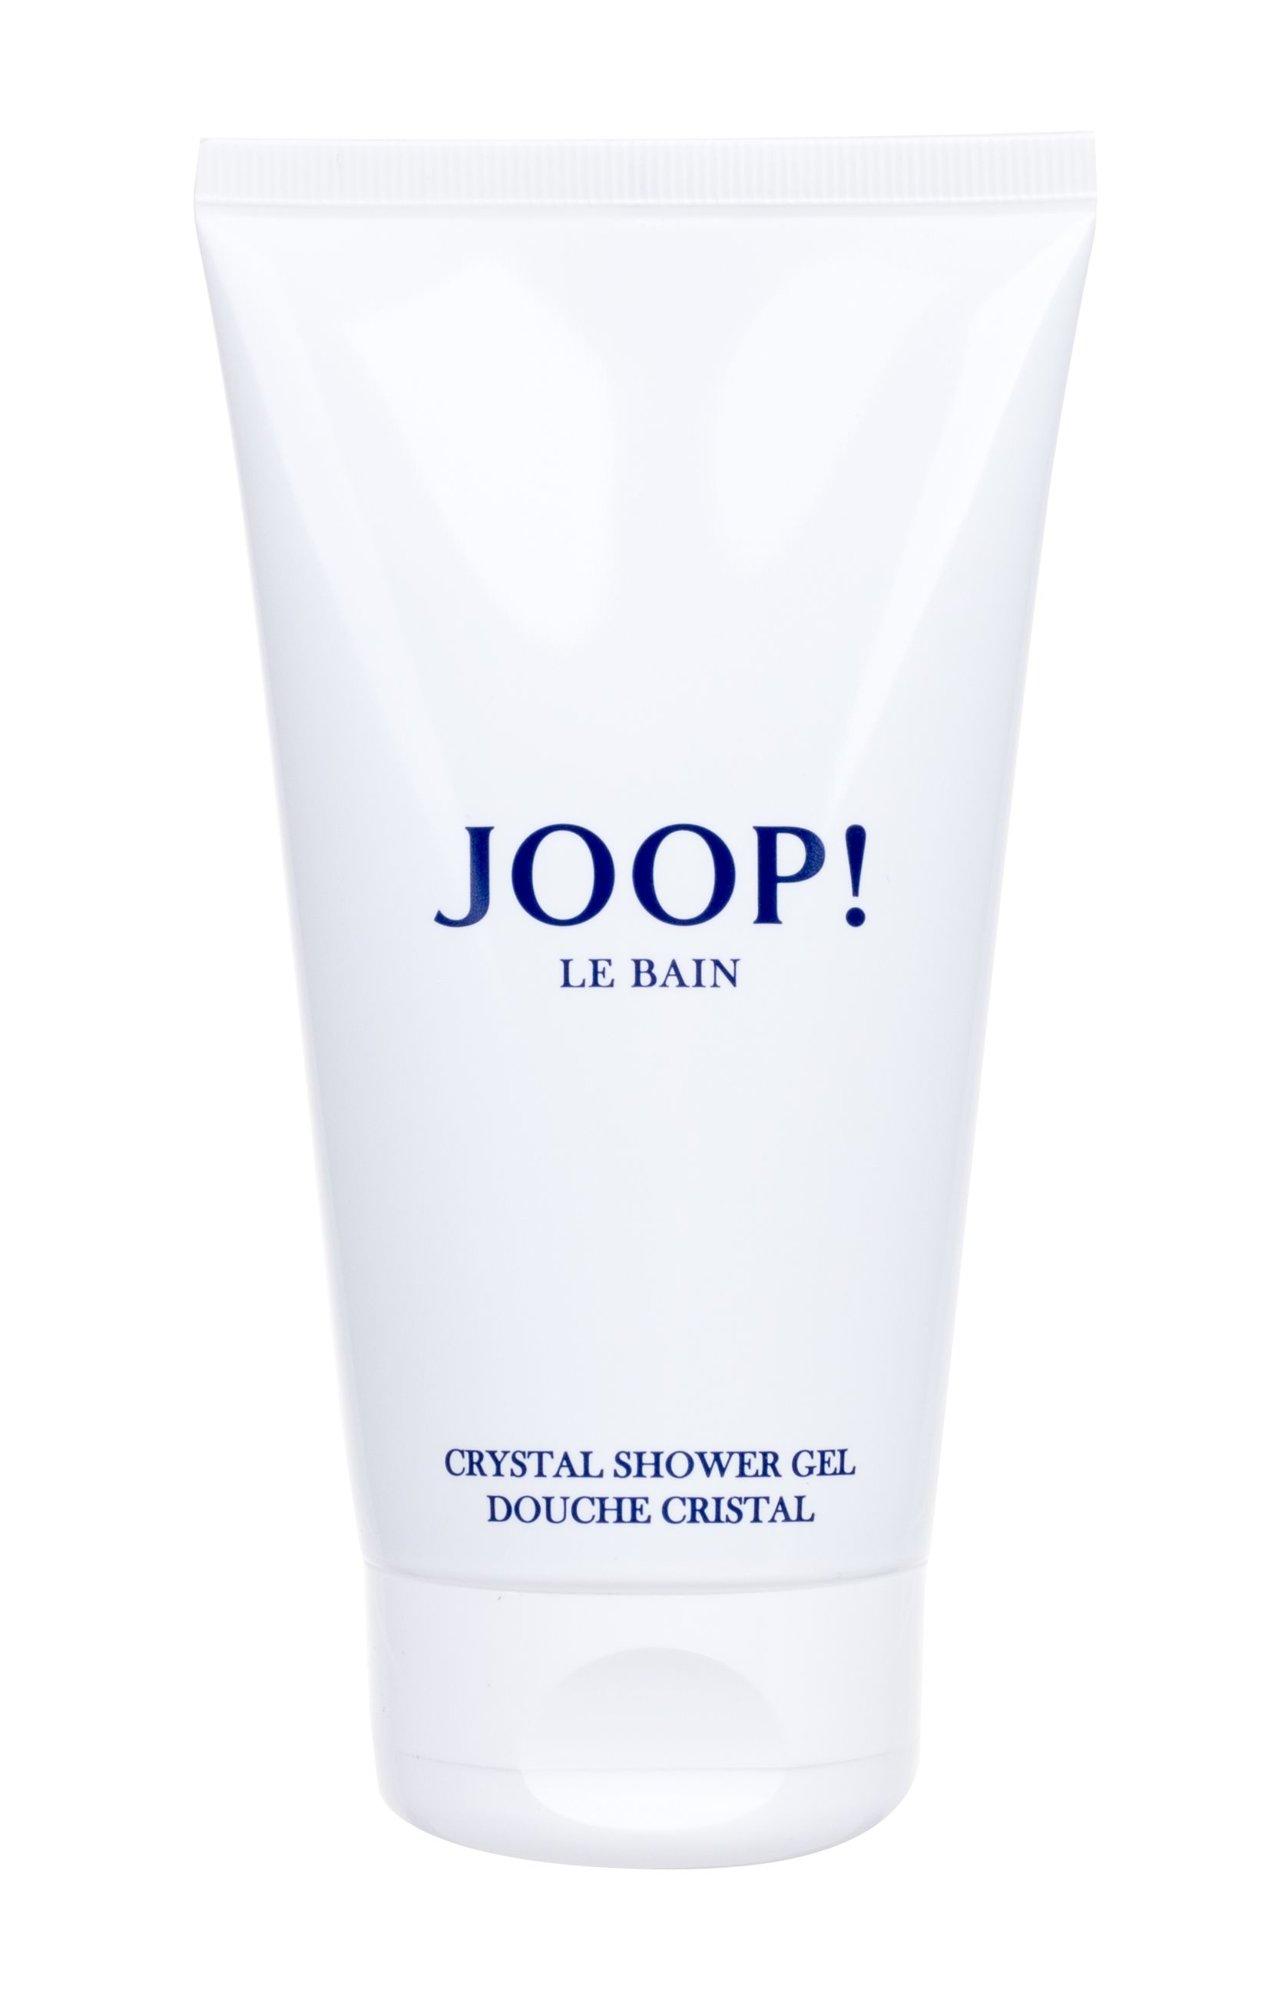 JOOP! Le Bain Shower Gel 150ml